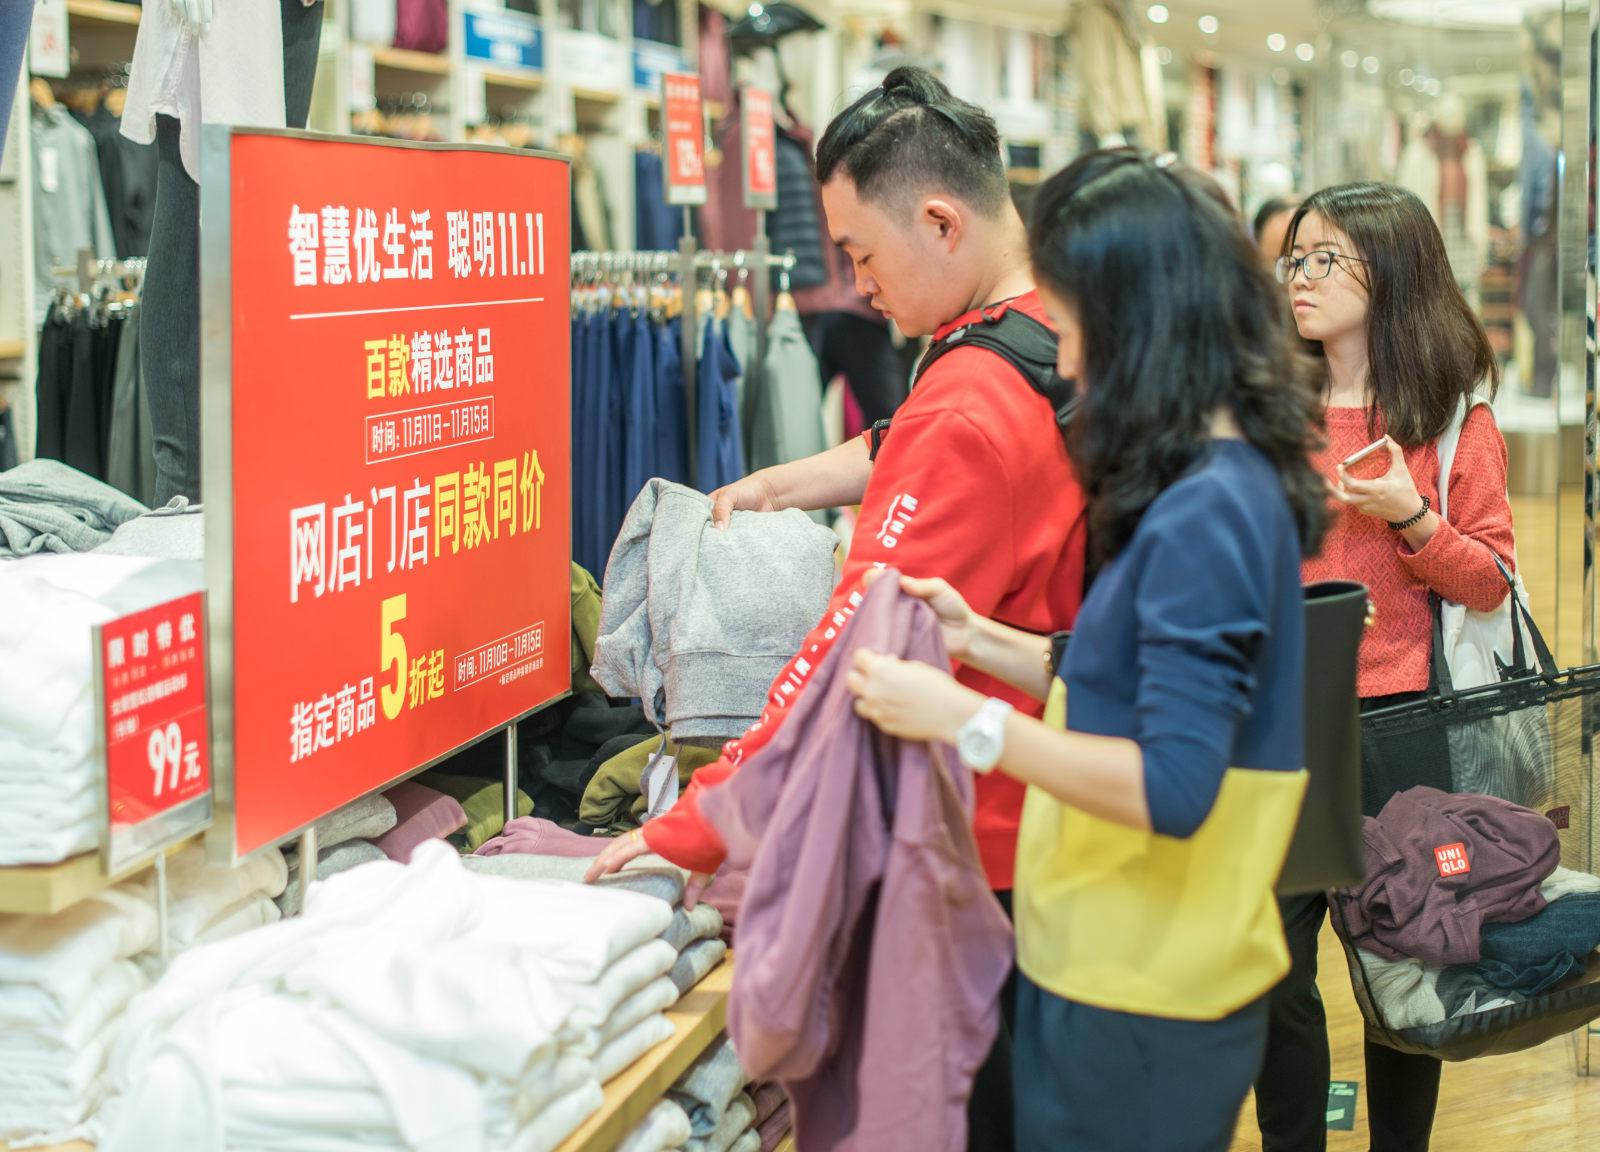 11月10日优衣库上海南京西路旗舰店提前一天开启双11购物狂欢1_meitu_1